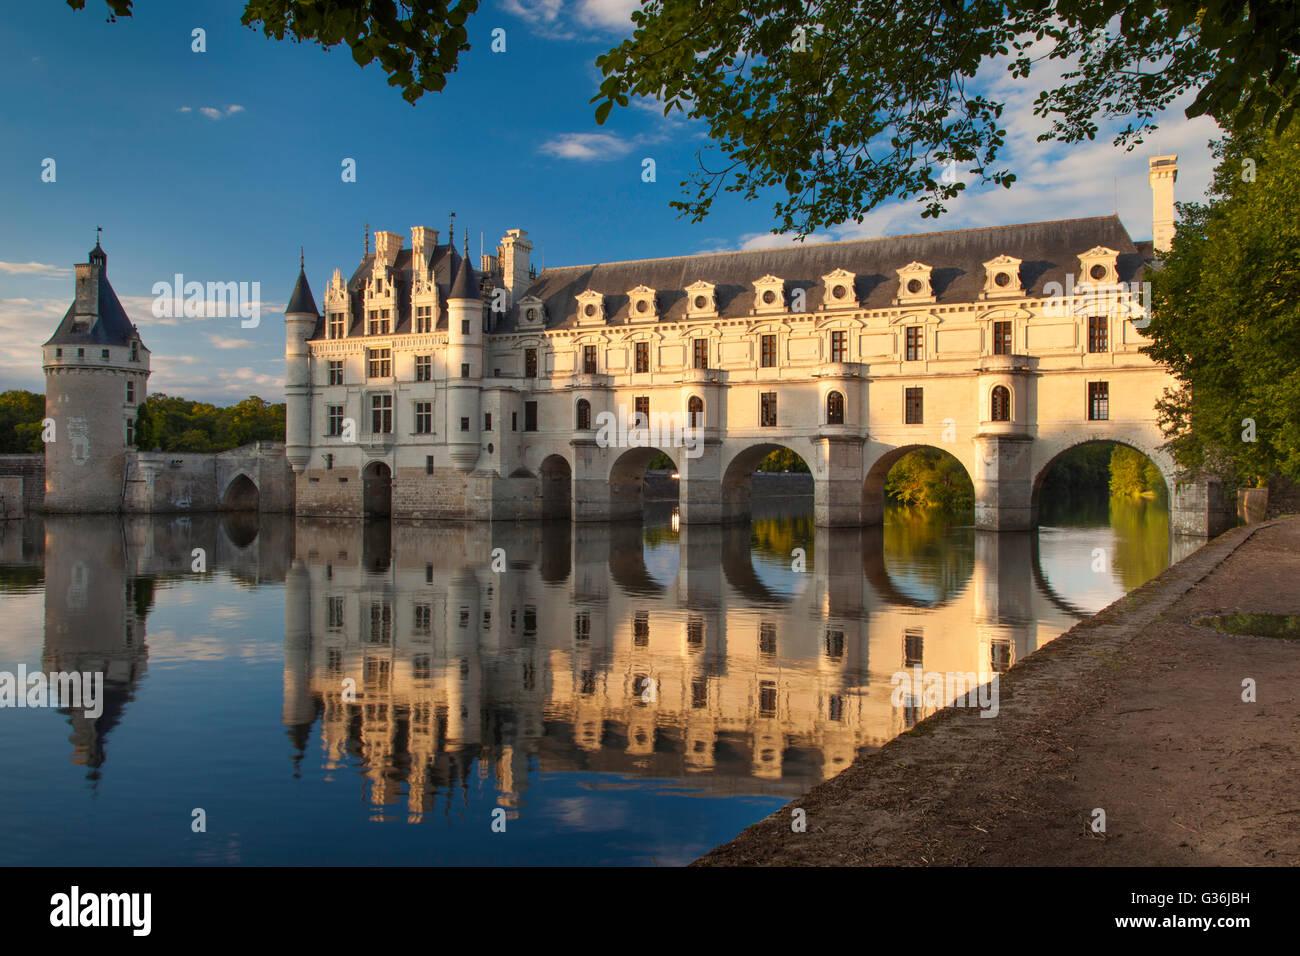 Evening sunlight on Château de Chenonceau and River Cher, Indre-et-Loire, Centre France Stock Photo